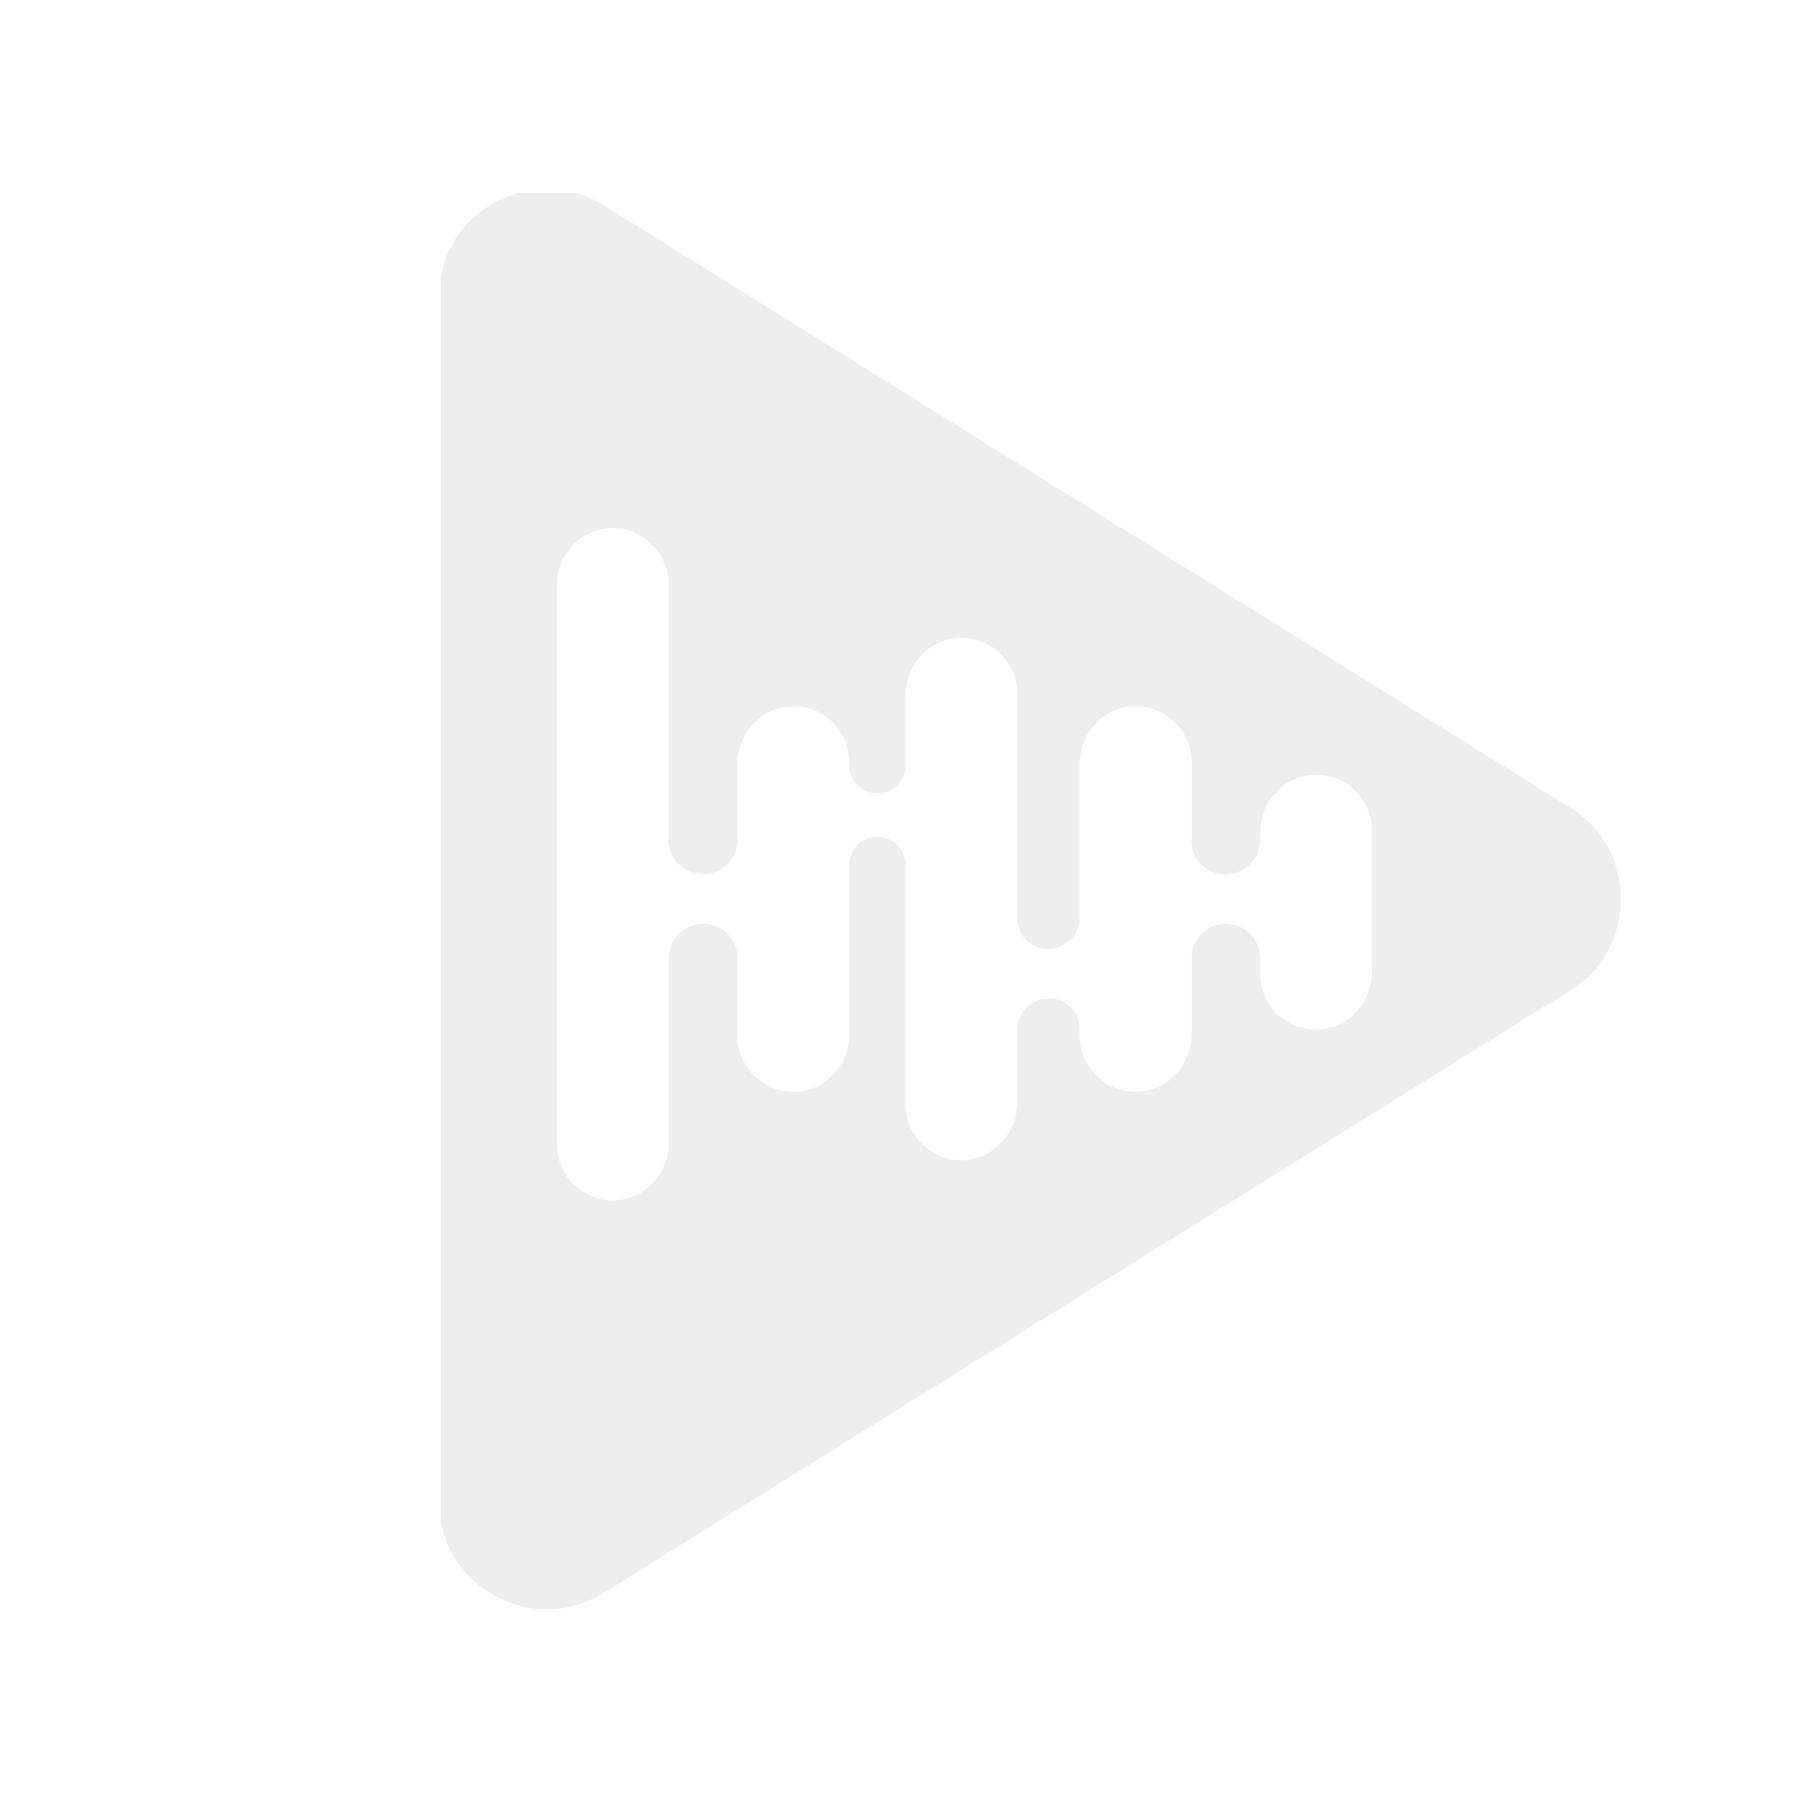 Connect MAUNI020 - Universal lomme for montering av enkel-din i dobbel-din hull